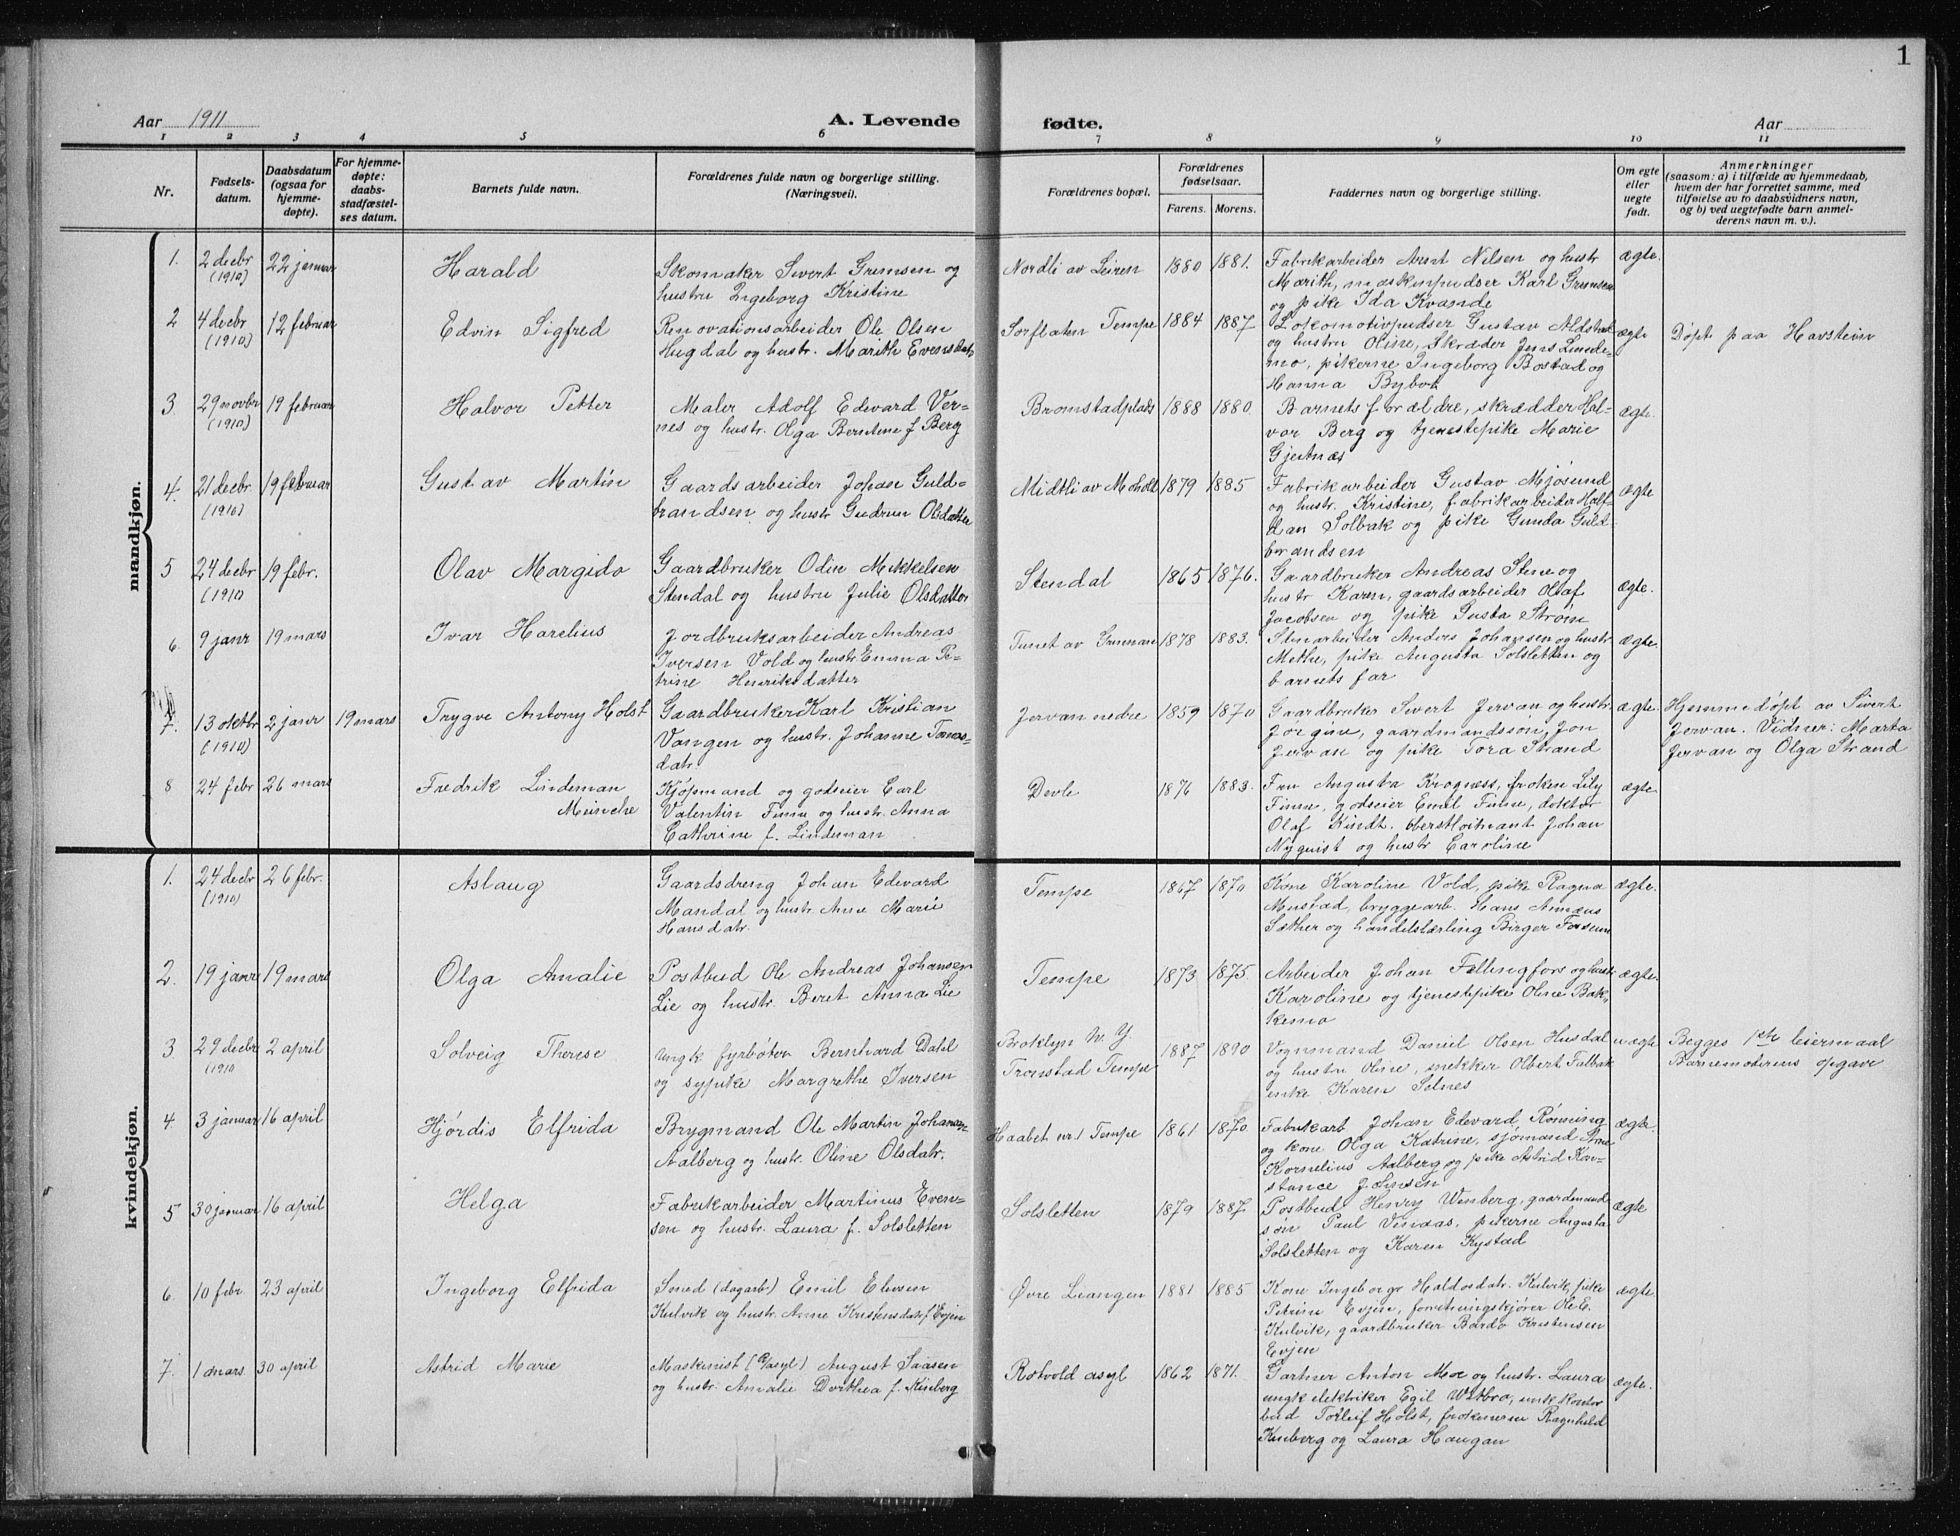 SAT, Ministerialprotokoller, klokkerbøker og fødselsregistre - Sør-Trøndelag, 606/L0314: Klokkerbok nr. 606C10, 1911-1937, s. 1